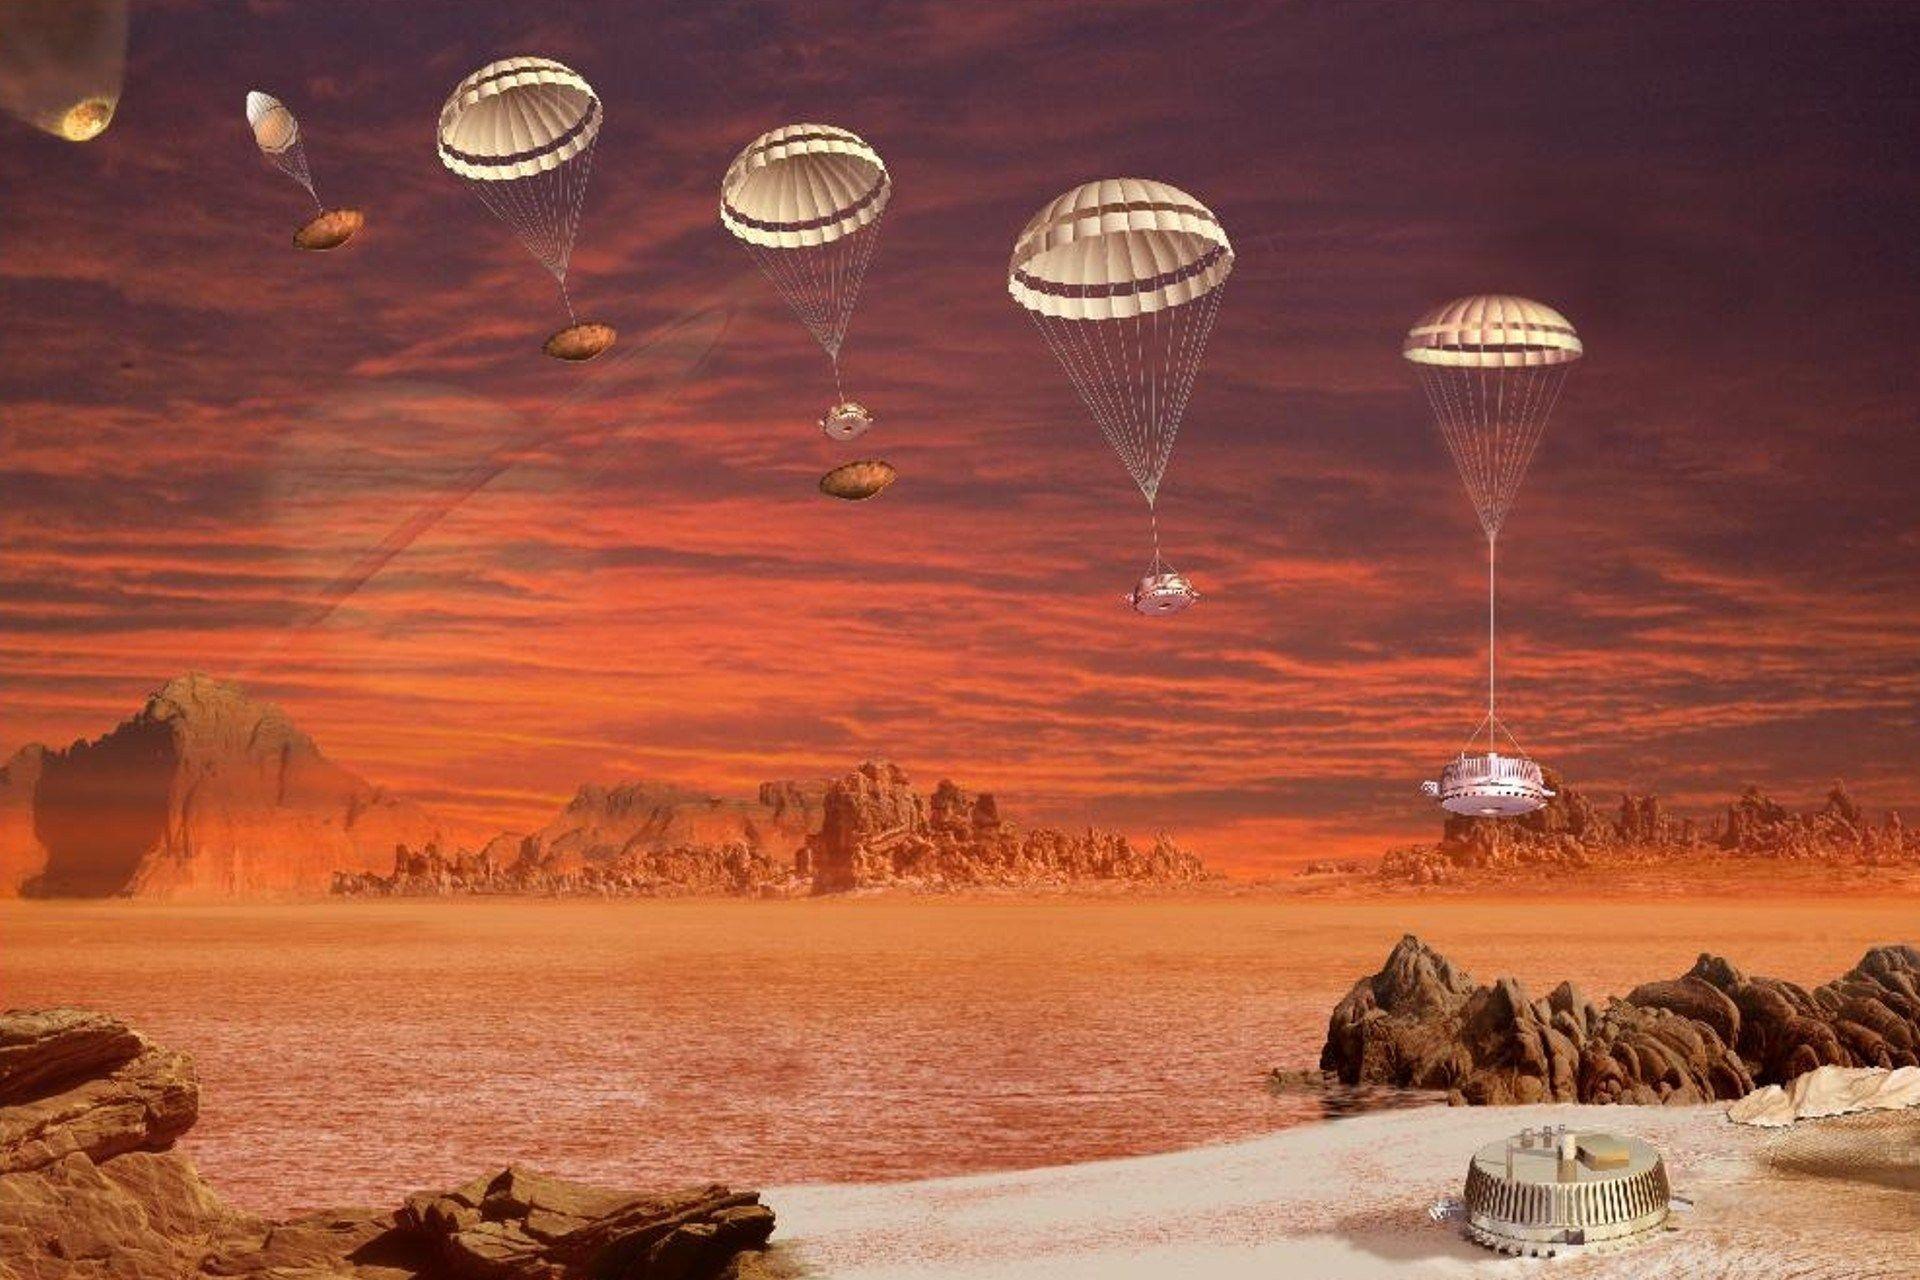 10年前の土星衛星タイタン着陸を、2分で振り返る動画